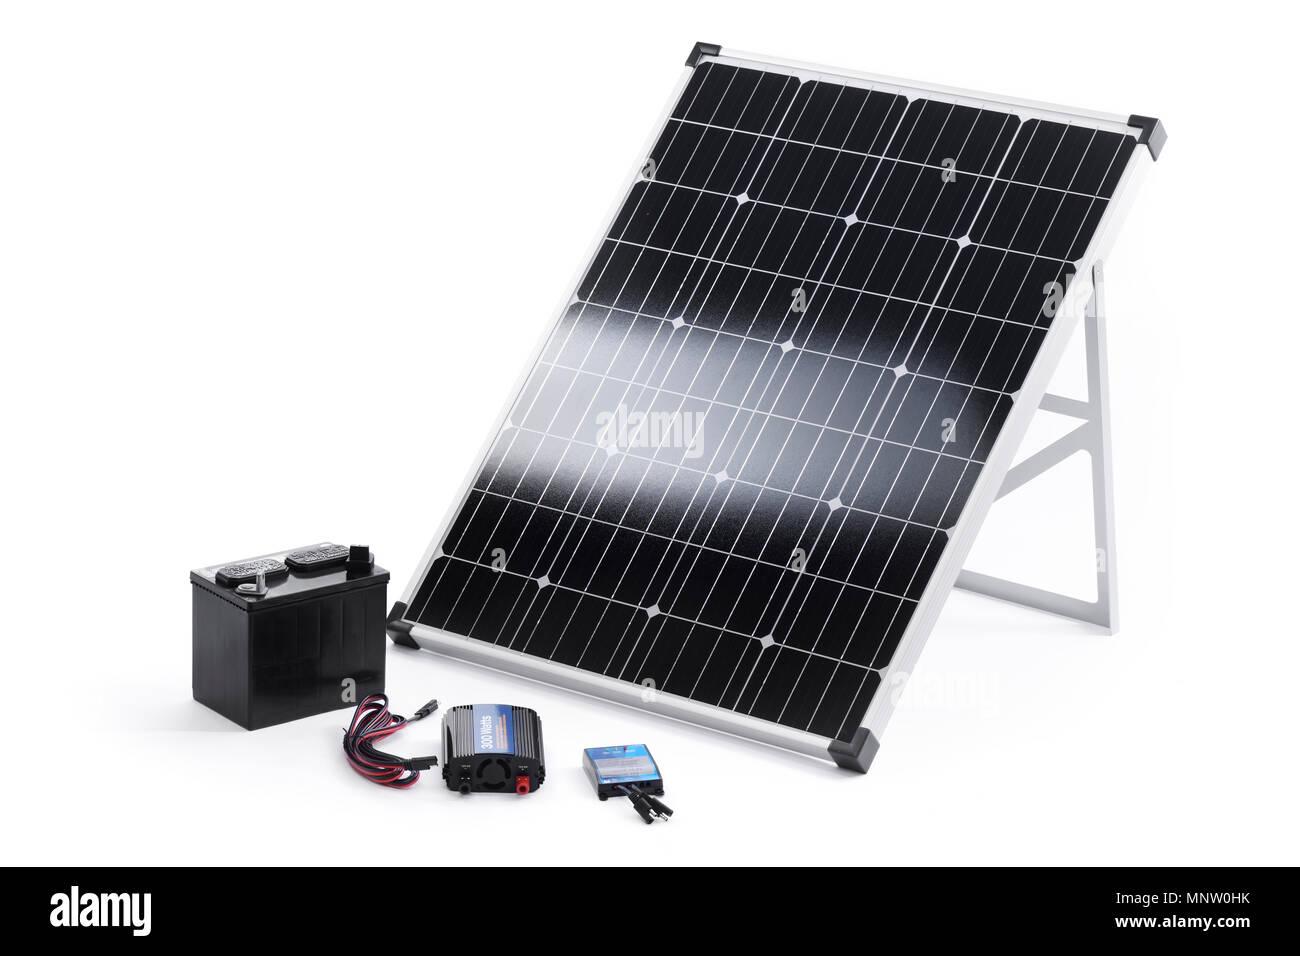 Kit de alimentación solar con un portátil de 100 vatios de paneles solares cristalinos, inversor, controlador de carga y una batería aislado sobre fondo blanco. Imagen De Stock